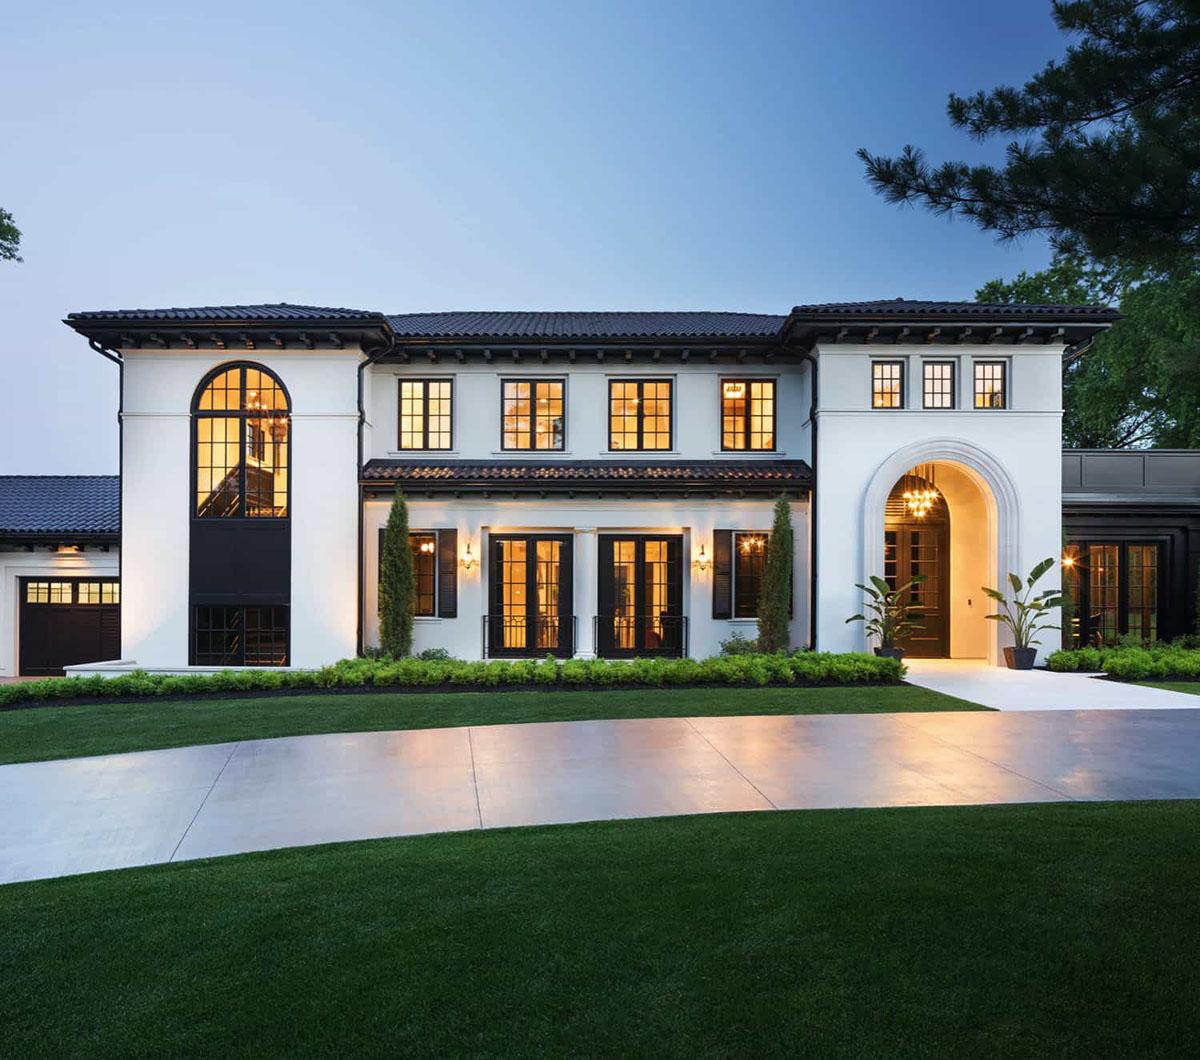 Il Nostro Sogno Dream House